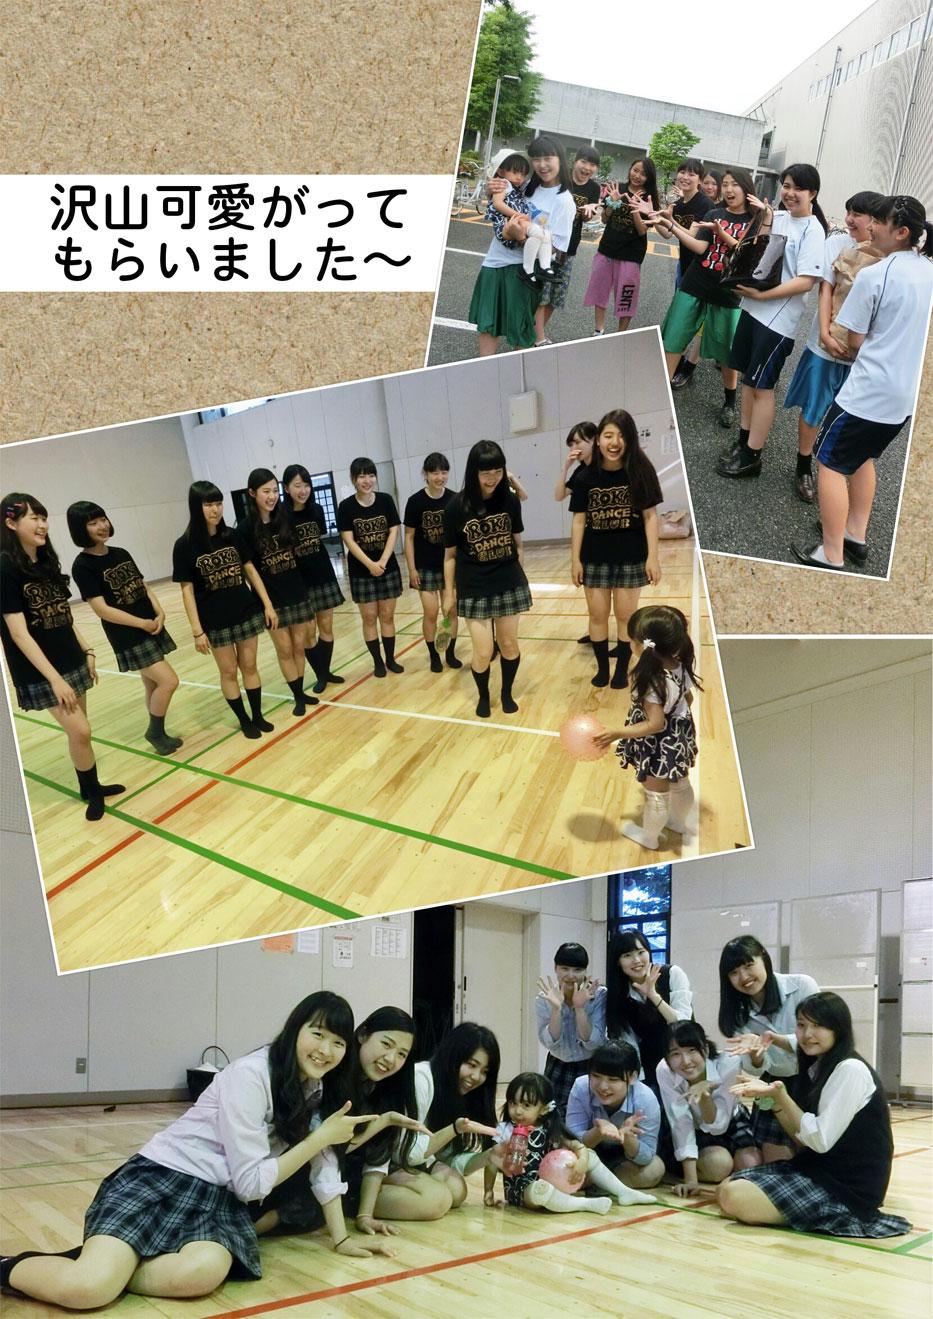 生徒chan達と、アルバム撮影 & 結婚のお祝いへ_d0224894_12301183.jpg